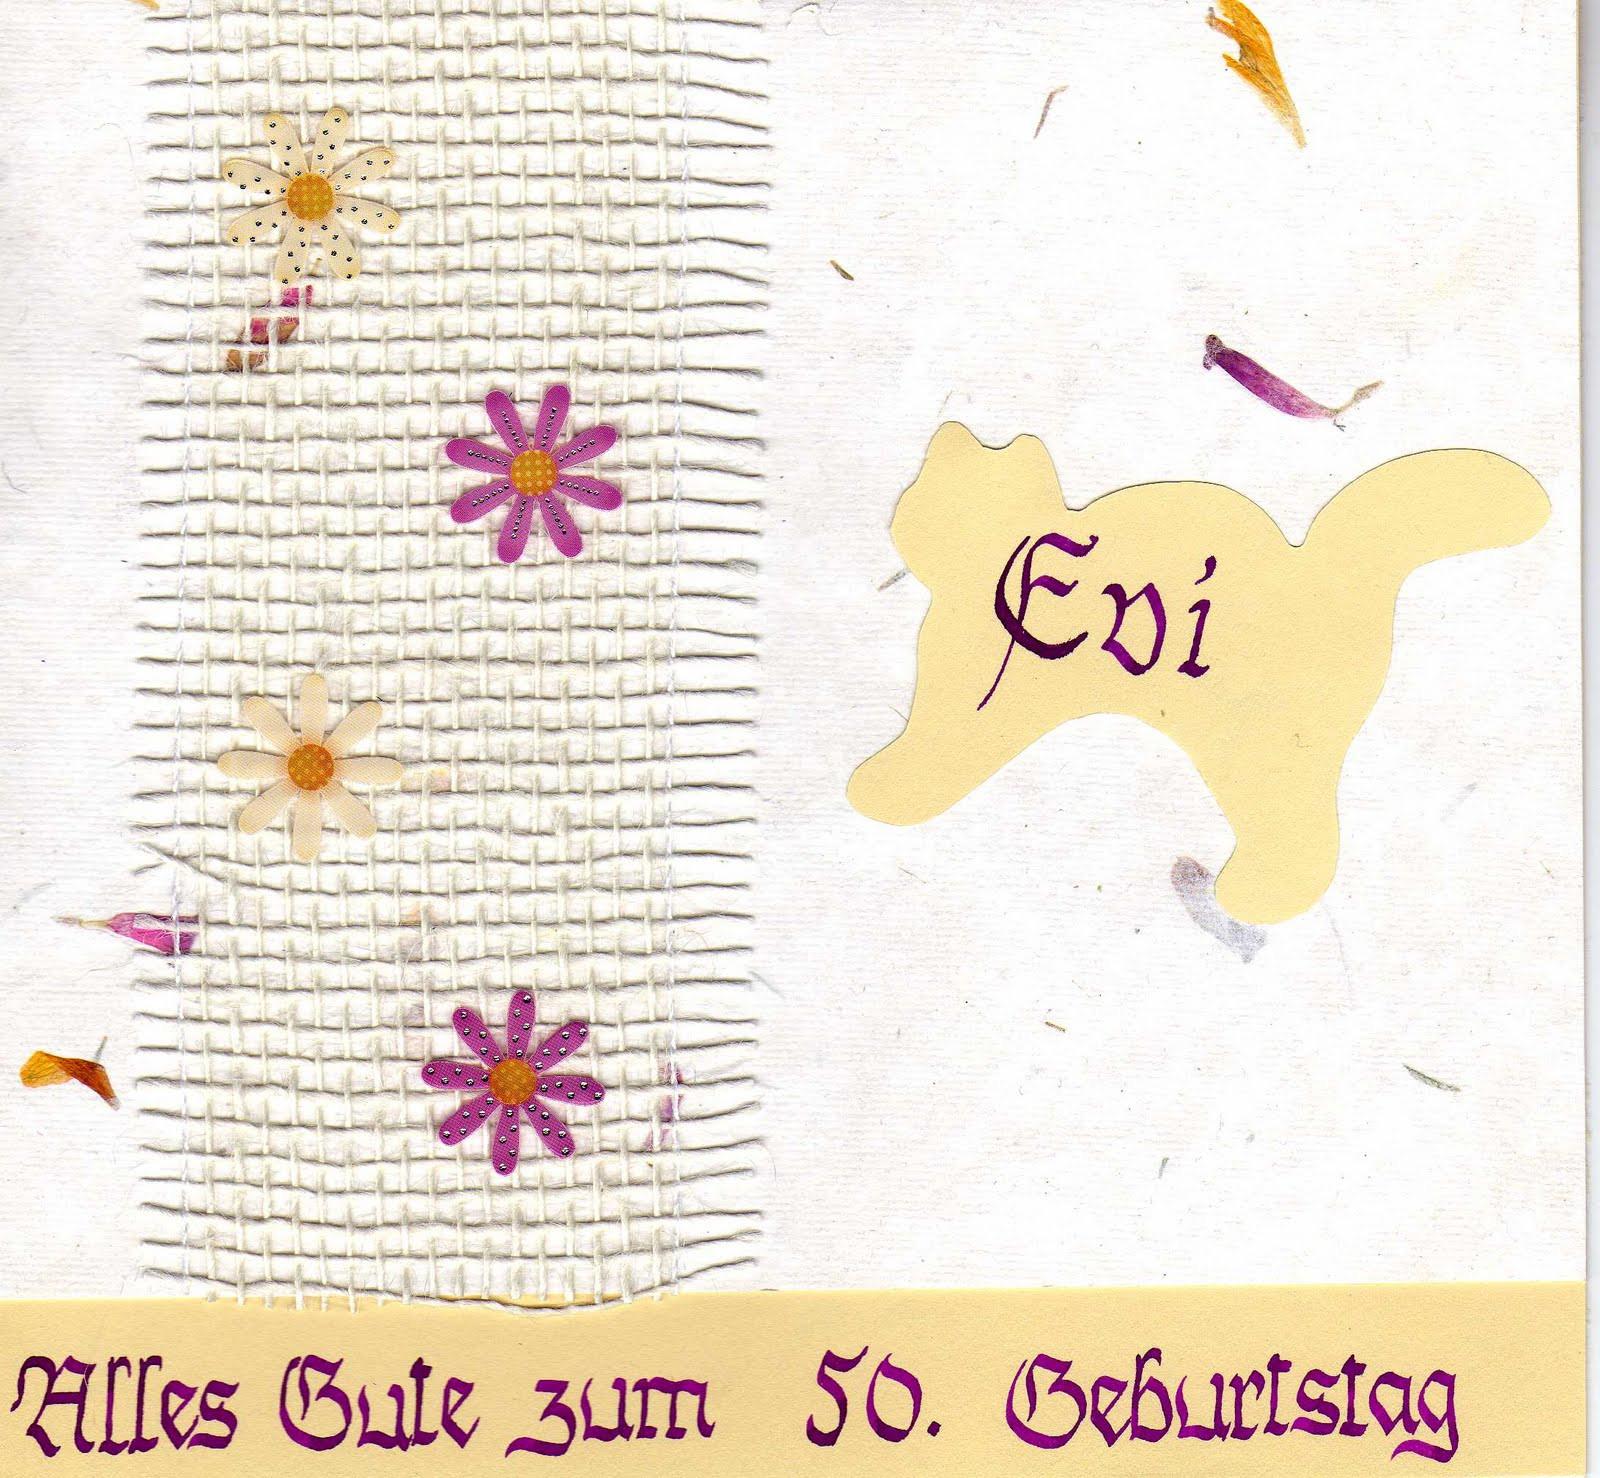 Geburtstagswünsche Zum 55  Christina´s Kalligraphie Geburtstagswünsche